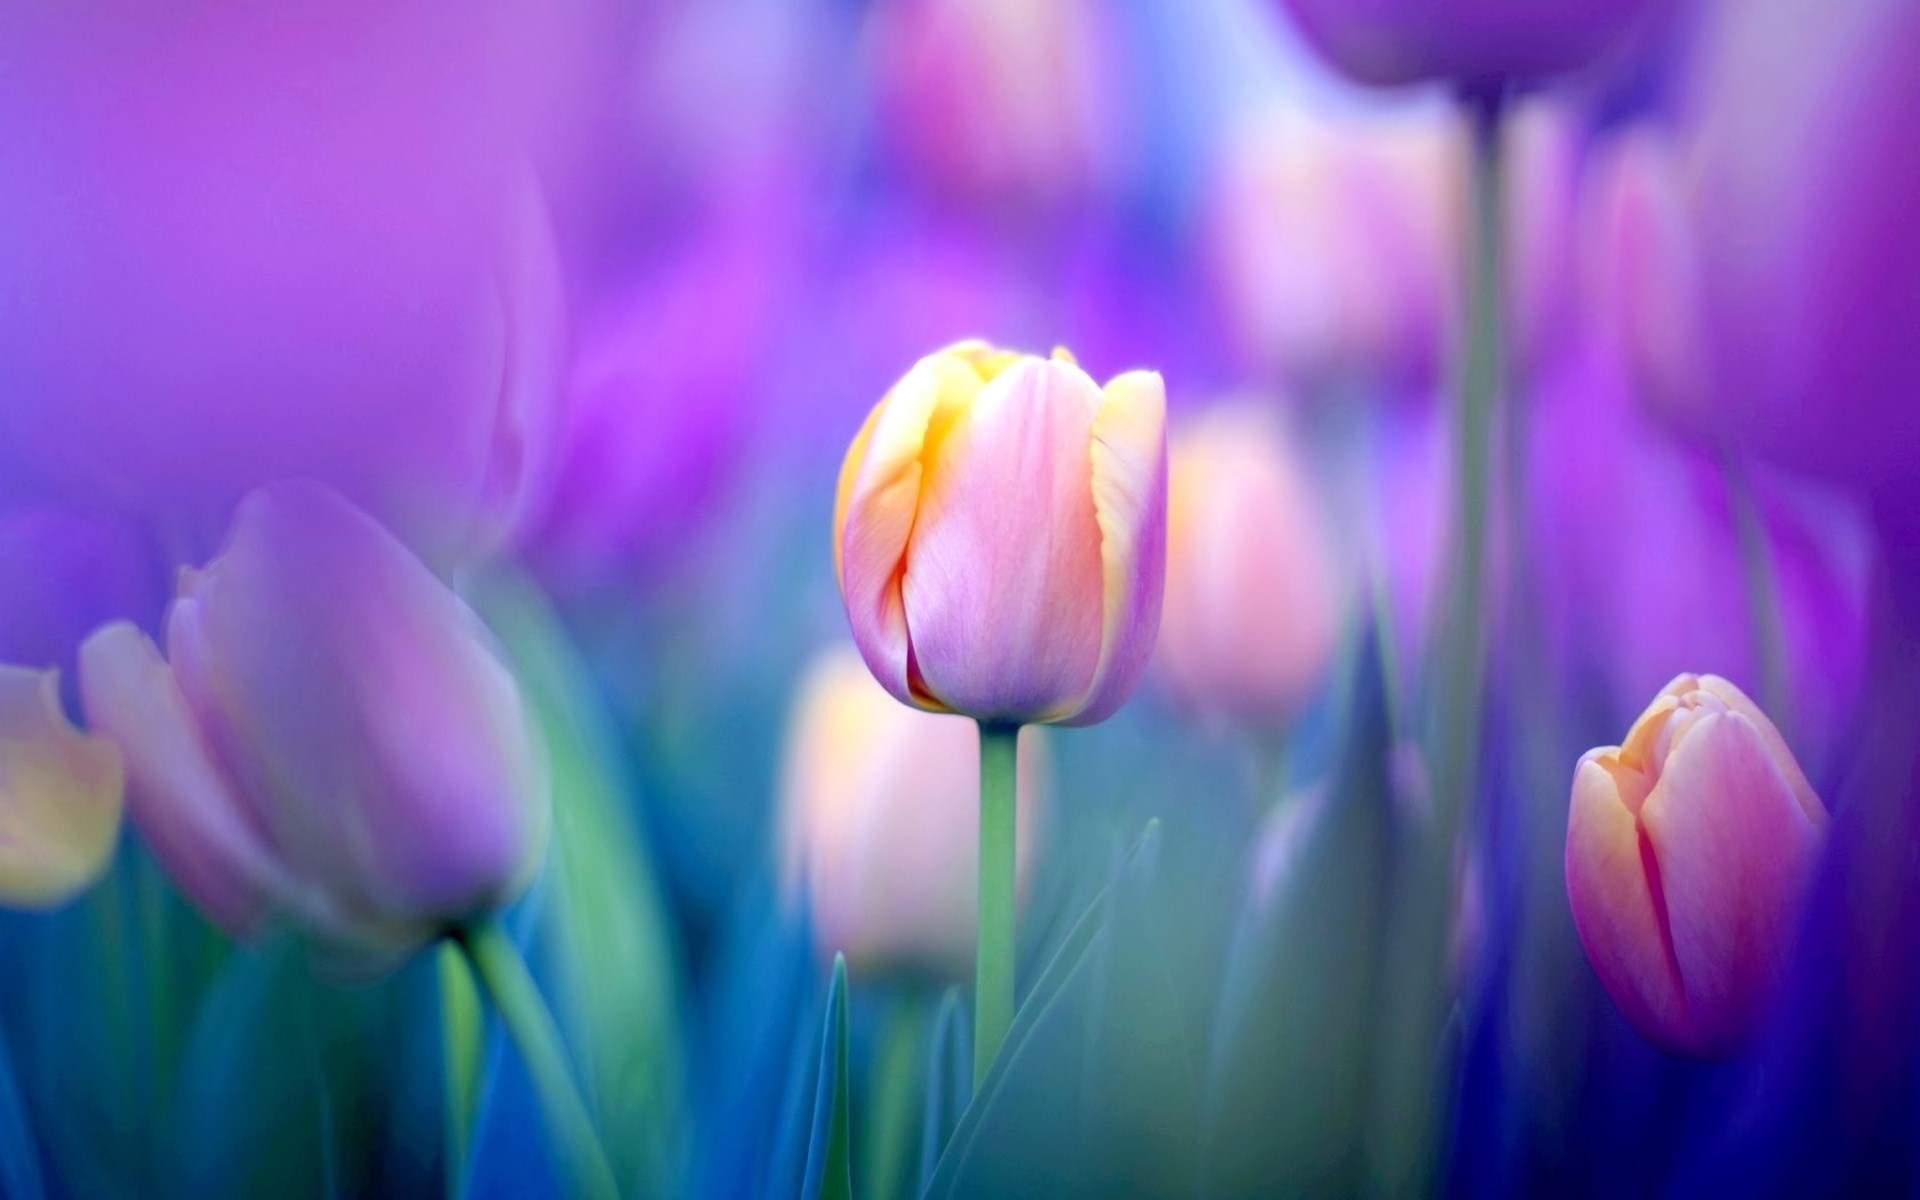 Hình nền hoa Tulip đẹp nhất